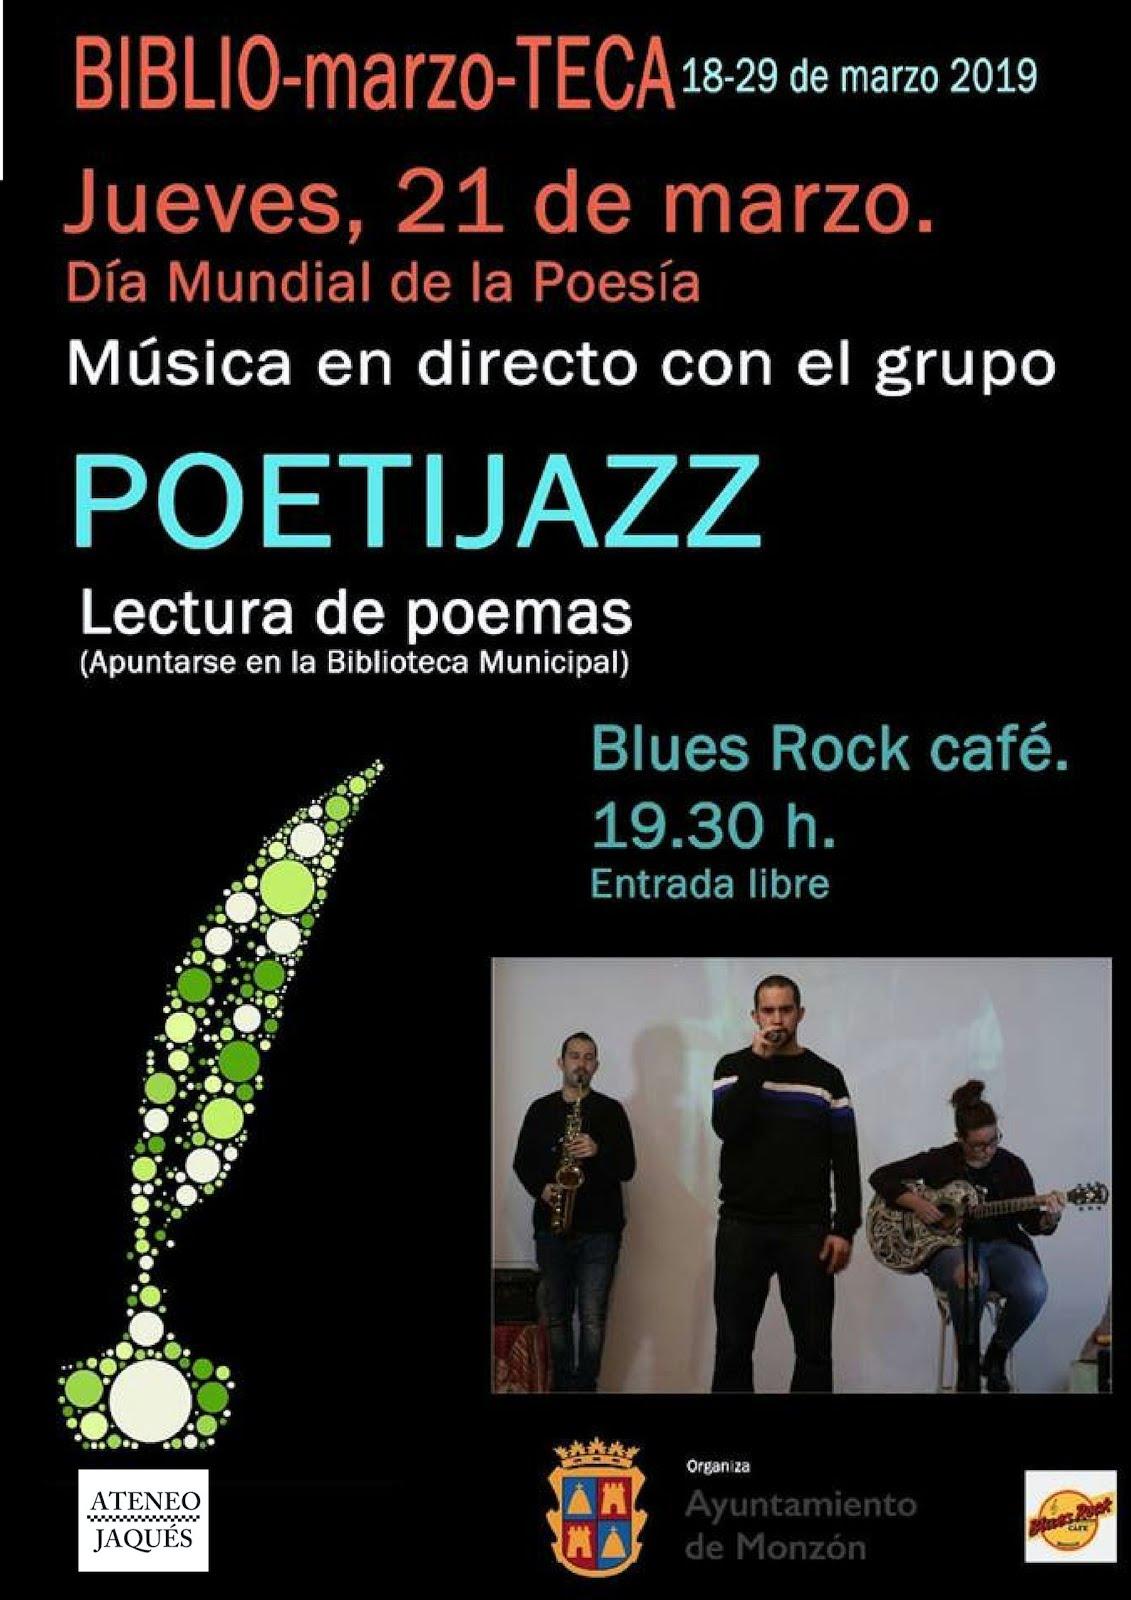 MONZÓN: JUEVES 21 marzo (19:30 horas) Día Mundial de la Poesía, Recital poético-musical Poetijazz